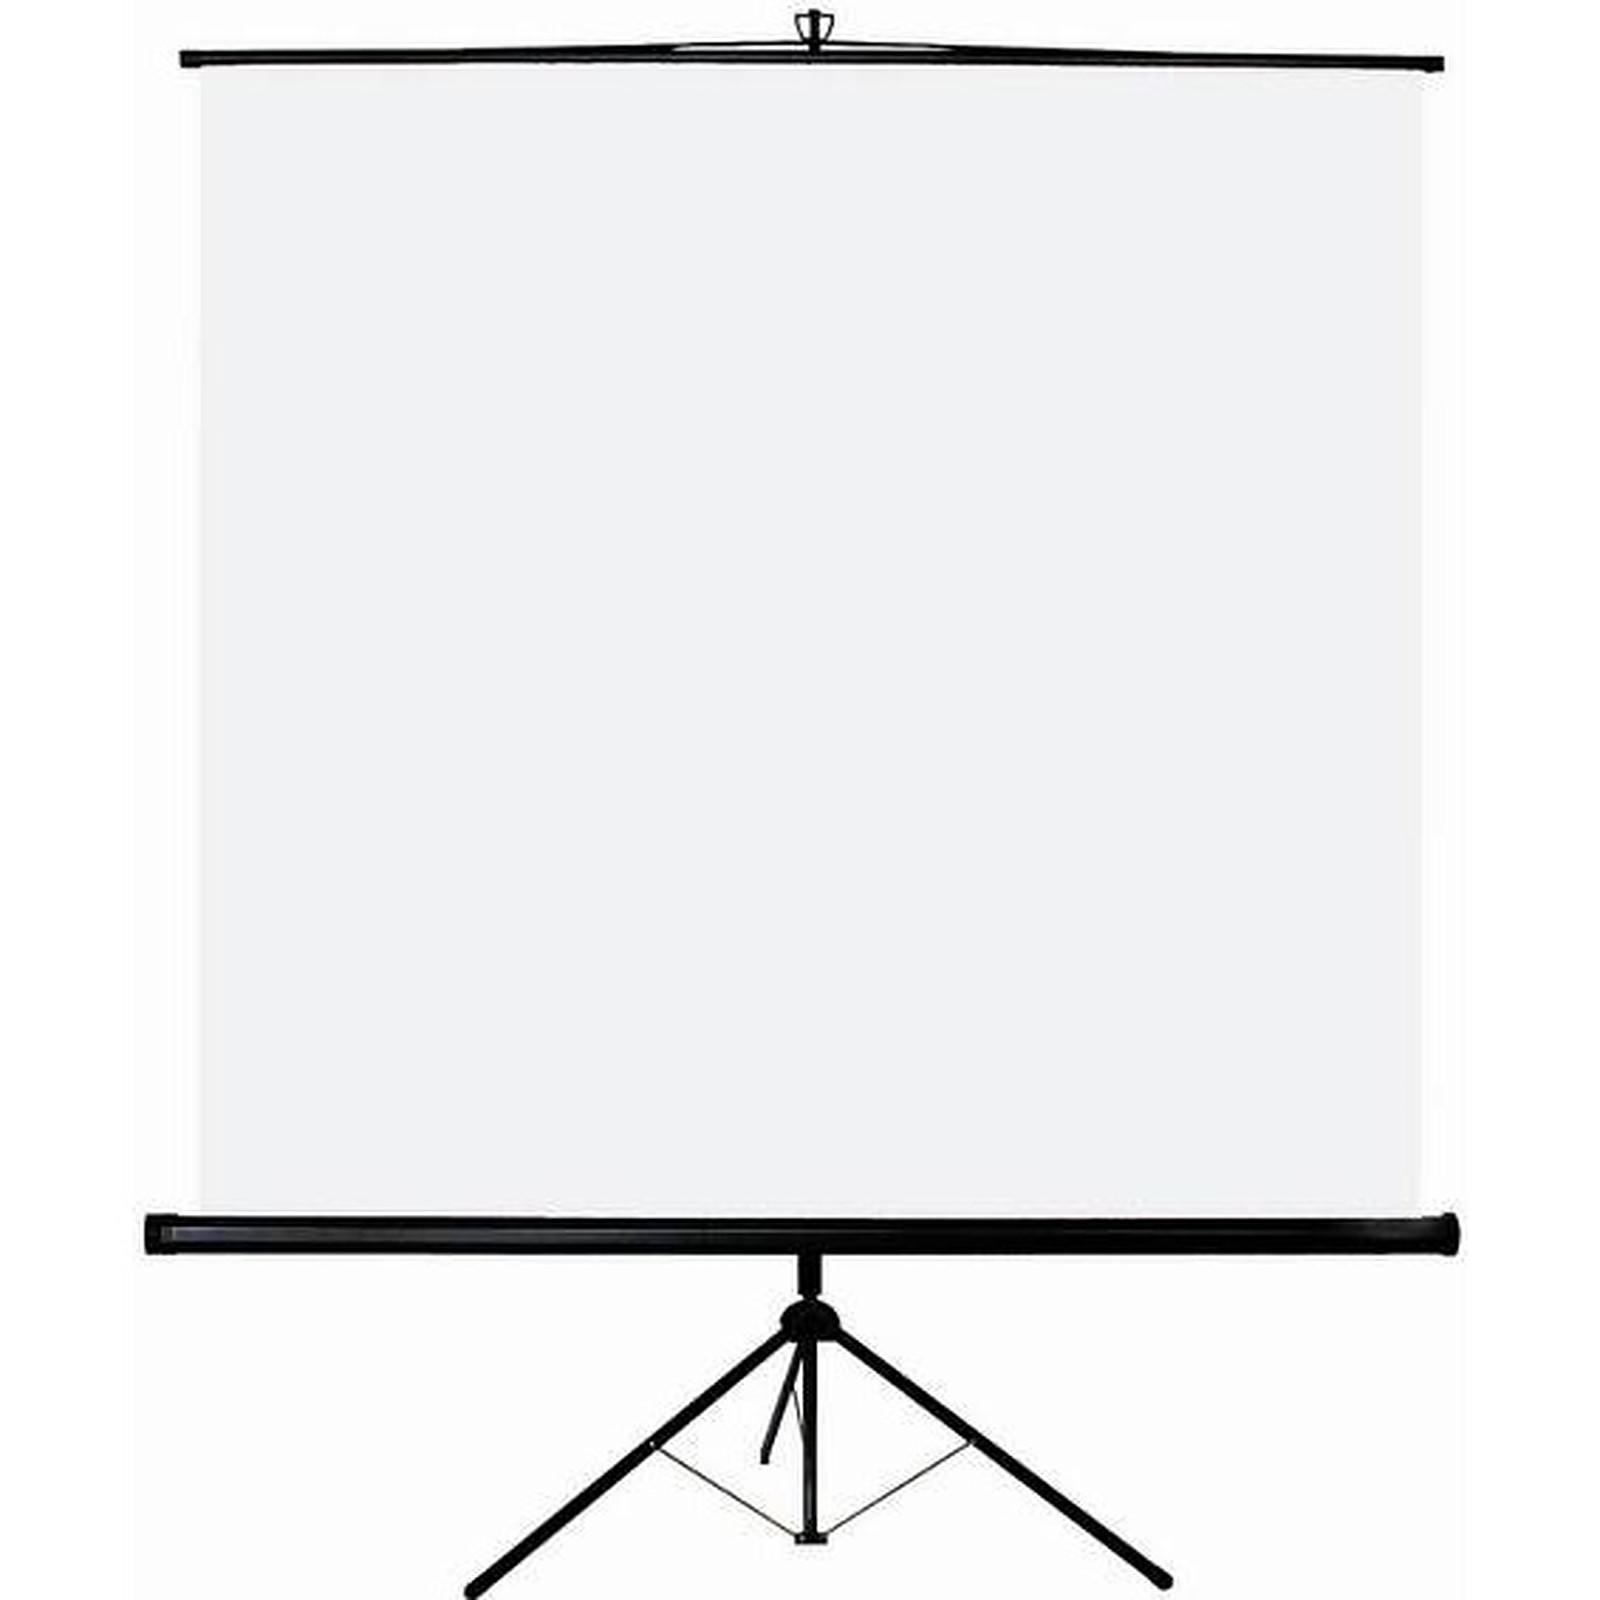 LDLC Ecran trépied - Format 4:3 - 160 x 120 cm